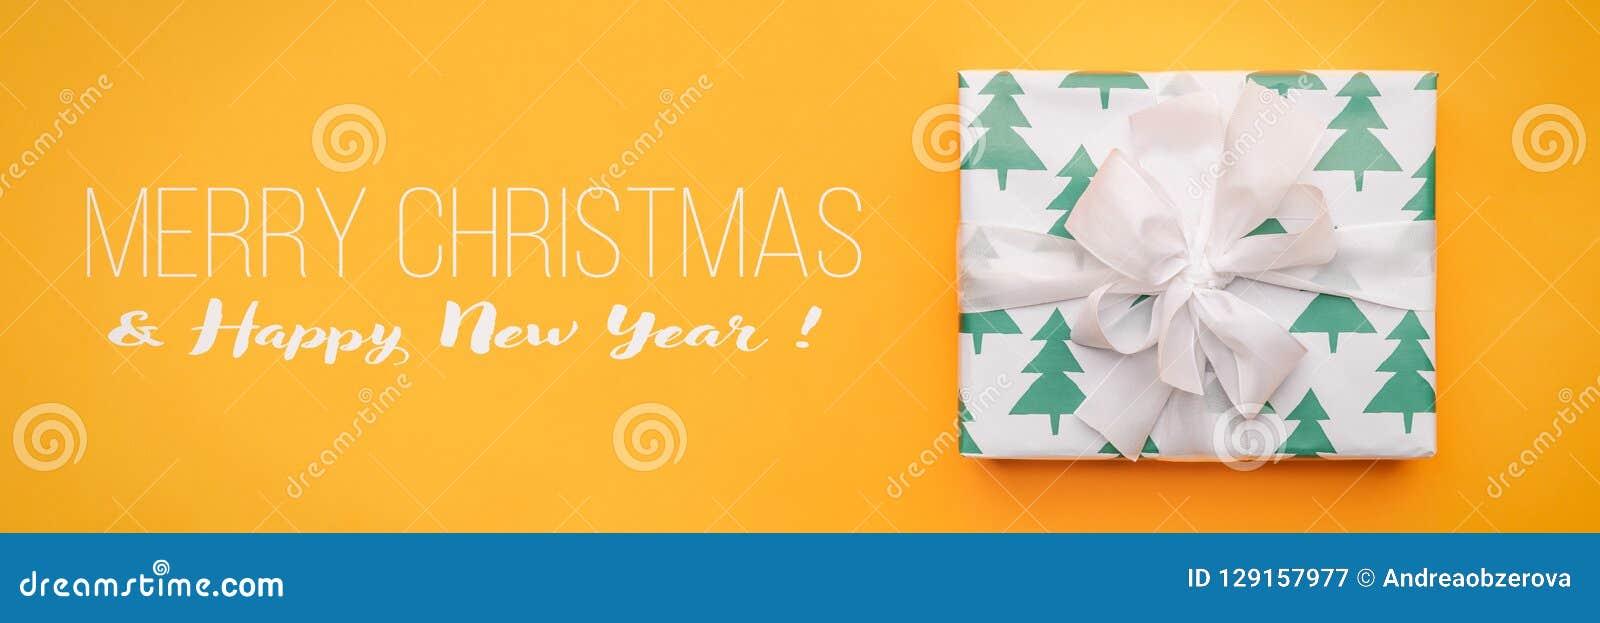 вектор иллюстрации рождества eps10 знамени Красивый подарок рождества изолированный на яркой желтой предпосылке Покрашенная бирюз